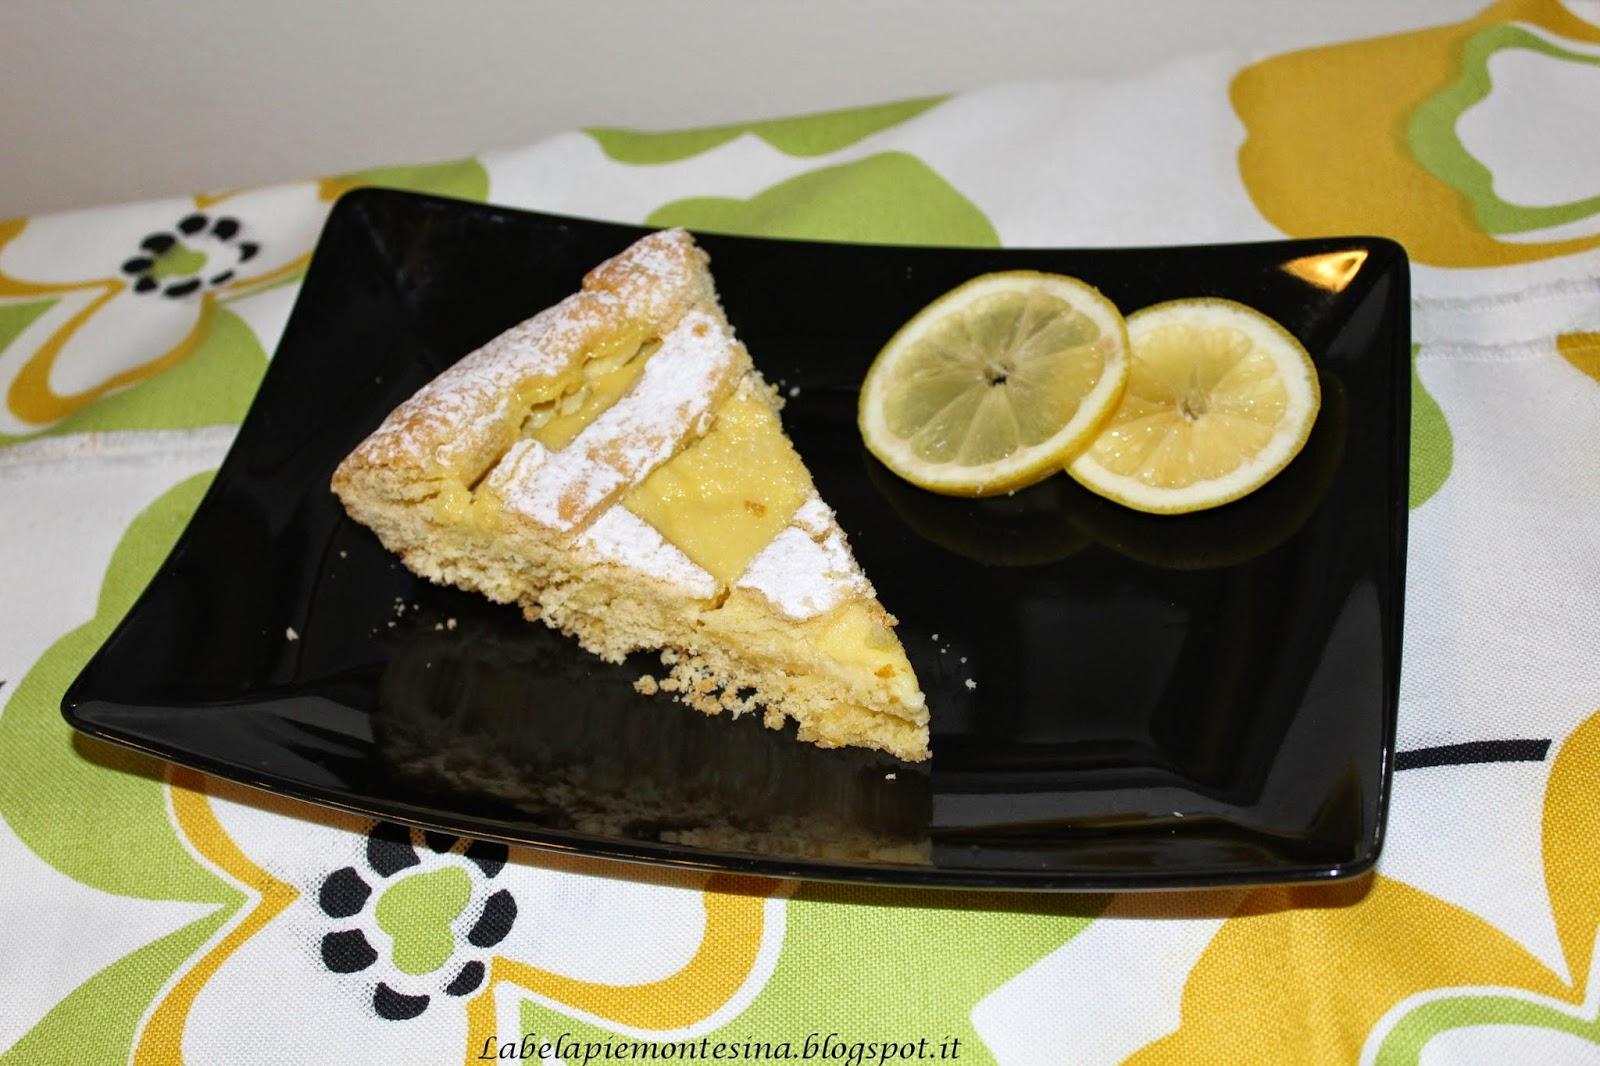 Fotografia del dolce crostata con crema di limoni dal blog La bela Piemontesina